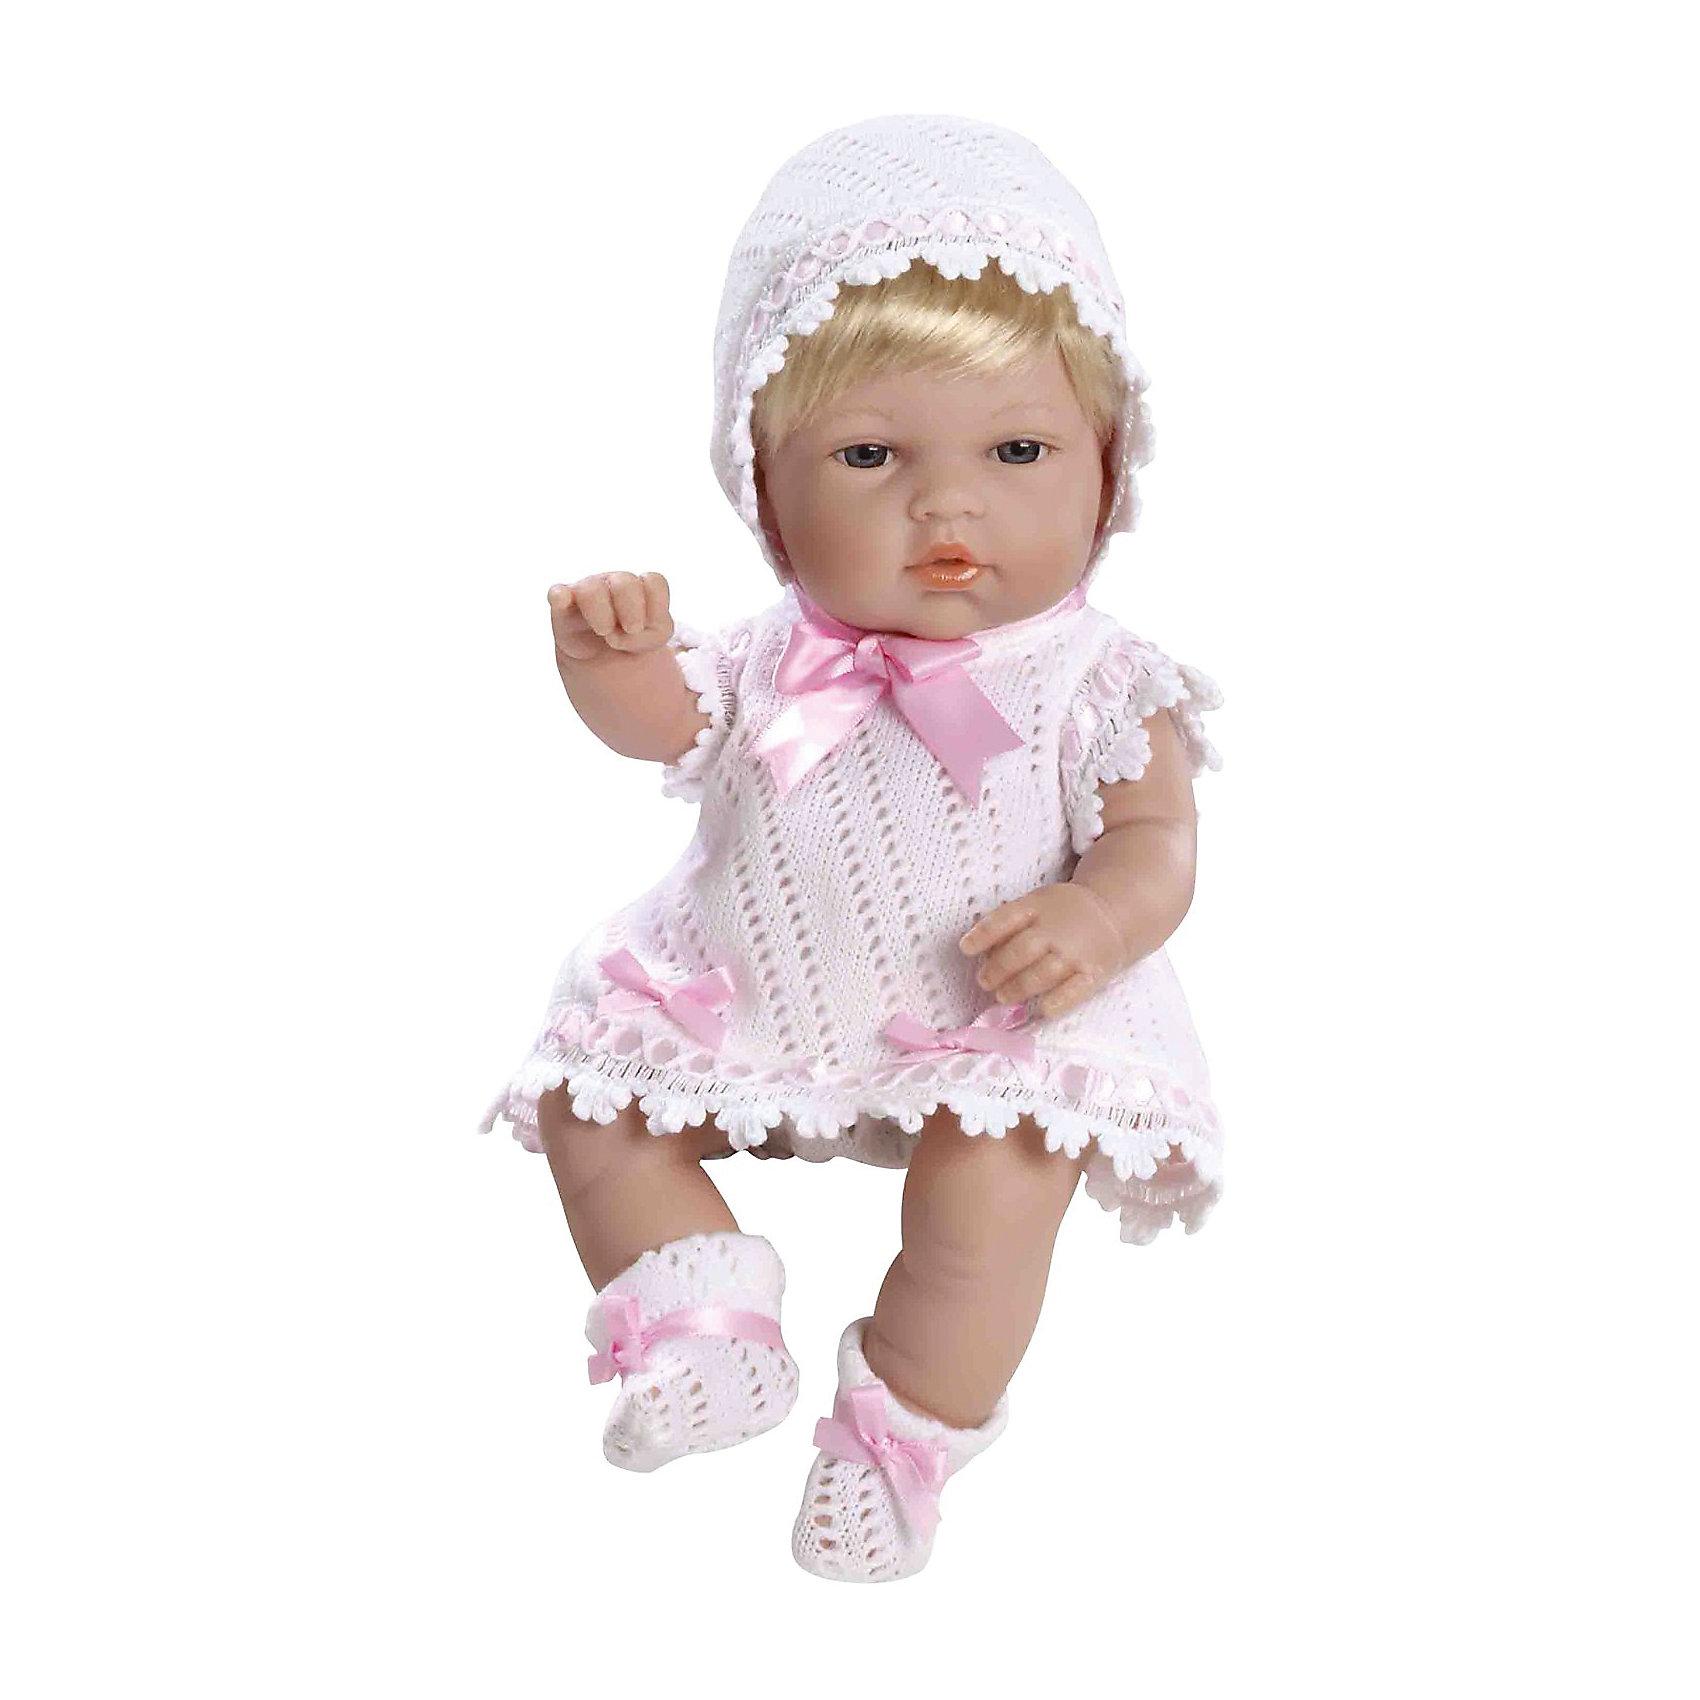 Пупс Блондинка, в белом с розовыми цветами, 33см, AriasКуклы-пупсы<br>Характеристики:<br><br>• Вид игр: сюжетно-ролевые<br>• Пол: для девочек<br>• Коллекция: Elegance<br>• Материал: винил, текстиль, нейлон<br>• Длина пупса: 33 см<br>• Комплектация: пупс, платье, чепчик, пинетки<br>• Подвижные ручки и ножки <br>• Вес в упаковке: 1 кг 650 г<br>• Размеры упаковки (Г*Ш*В): 41*14*24 см<br>• Упаковка: картонная коробка<br>• Особенности ухода: куклу можно купать, одежда – ручная стирка<br><br>Пупс Блондинка, в белом с розовыми цветами, 33см, Arias изготовлен известным испанским торговым предприятием Munecas, который специализируется на выпуске кукол и пупсов. Пупсы и куклы Arias с высокой степенью достоверности повторяют облик маленьких детей, благодаря мельчайшим деталям внешнего вида и одежды игрушки выглядят мило и очаровательно. Пупс выполнен из винила, у него подвижные ручки и ножки, короткие светлые волосы, четко прорисованные глаза и брови, курносый носик и пухленькие губки. Малышка одета в вязаное ажурной вязкой платье белого цвета, пинетки и чепчик. Все детали гардероба декорированы розовыми атласными ленточками. Пупс Блондинка, в белом с розовыми цветами, 33см, Arias станет идеальным подарком для девочки к любому празднику.<br><br>Пупса Блондинку, в белом с розовыми цветами, 33см, Arias можно купить в нашем интернет-магазине.<br><br>Ширина мм: 405<br>Глубина мм: 140<br>Высота мм: 240<br>Вес г: 1075<br>Возраст от месяцев: 36<br>Возраст до месяцев: 120<br>Пол: Женский<br>Возраст: Детский<br>SKU: 5355545